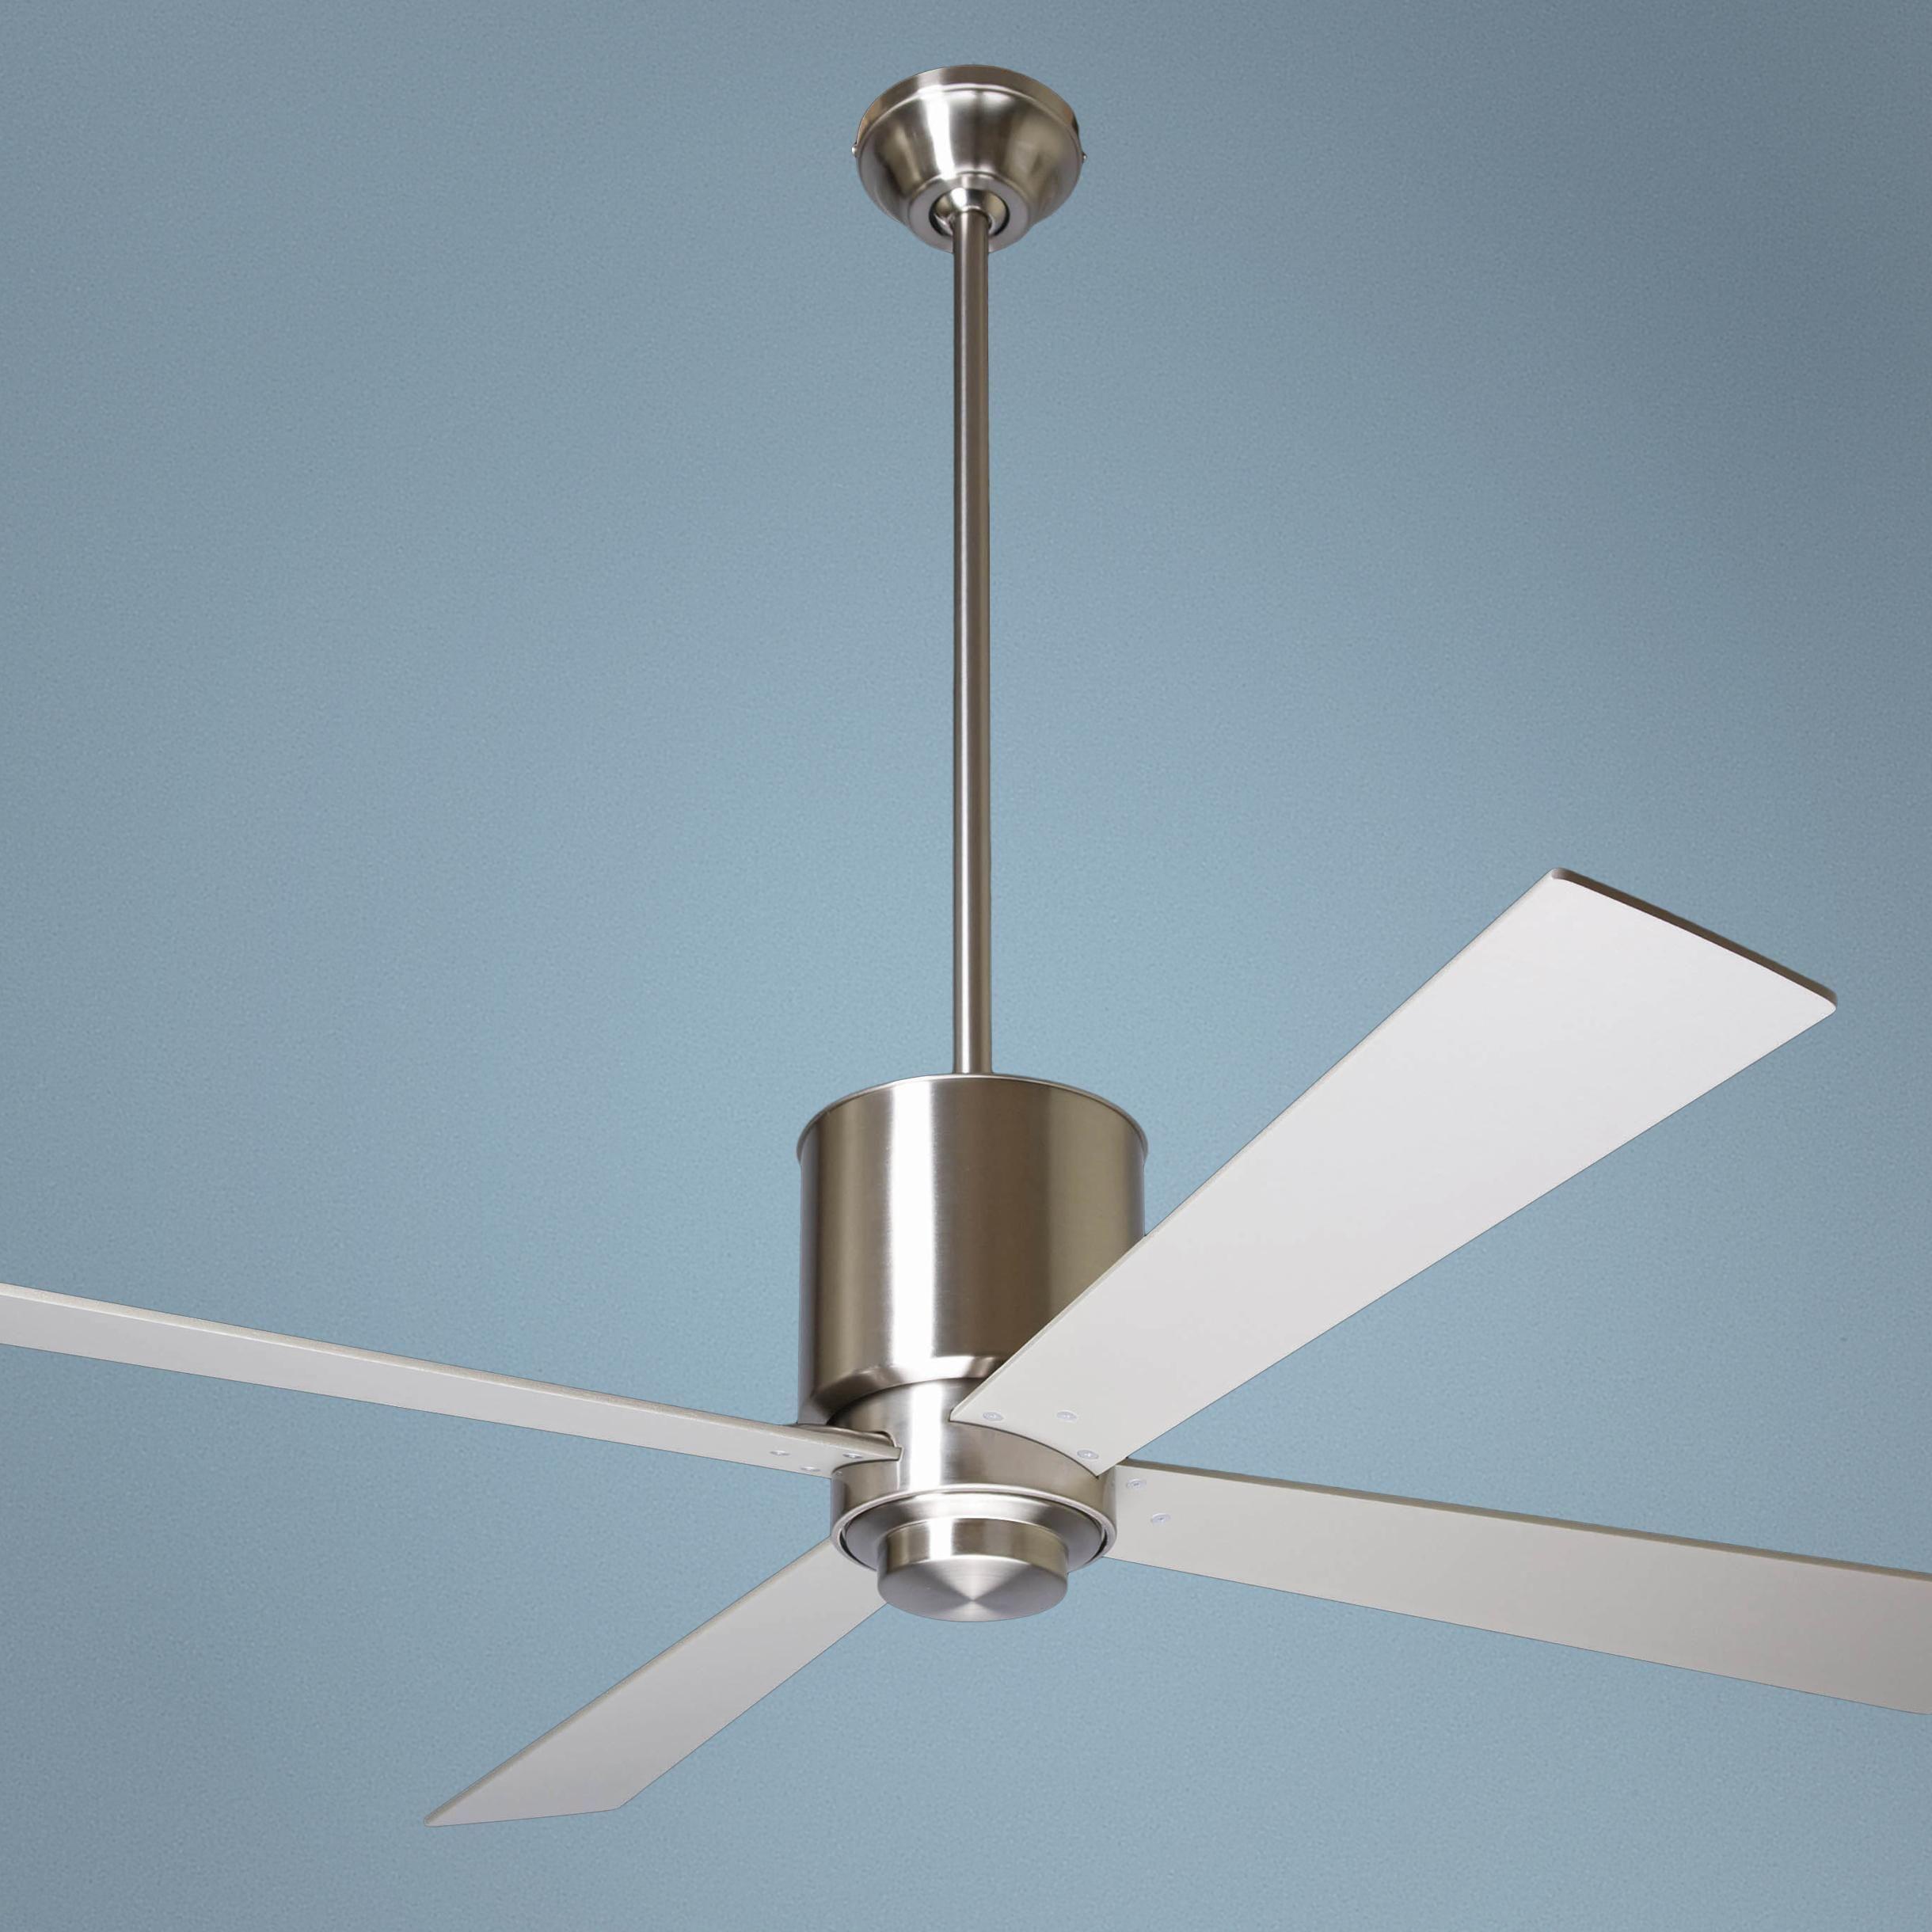 Fan Lapa Bright Nickel Ceiling